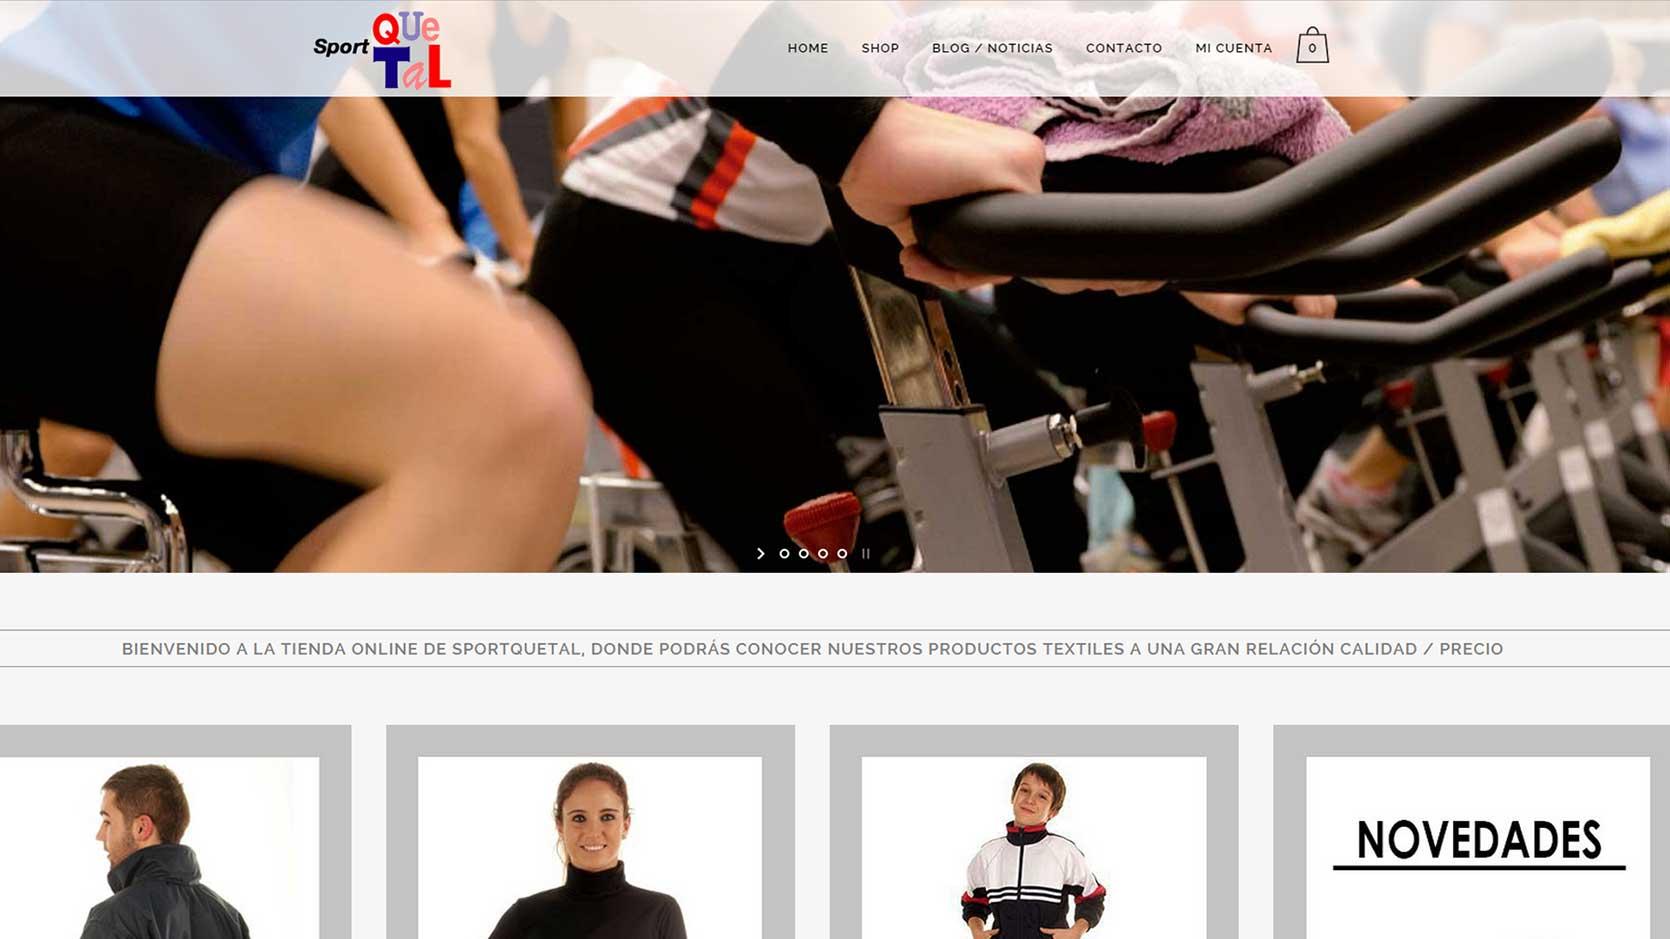 página inicio tienda online